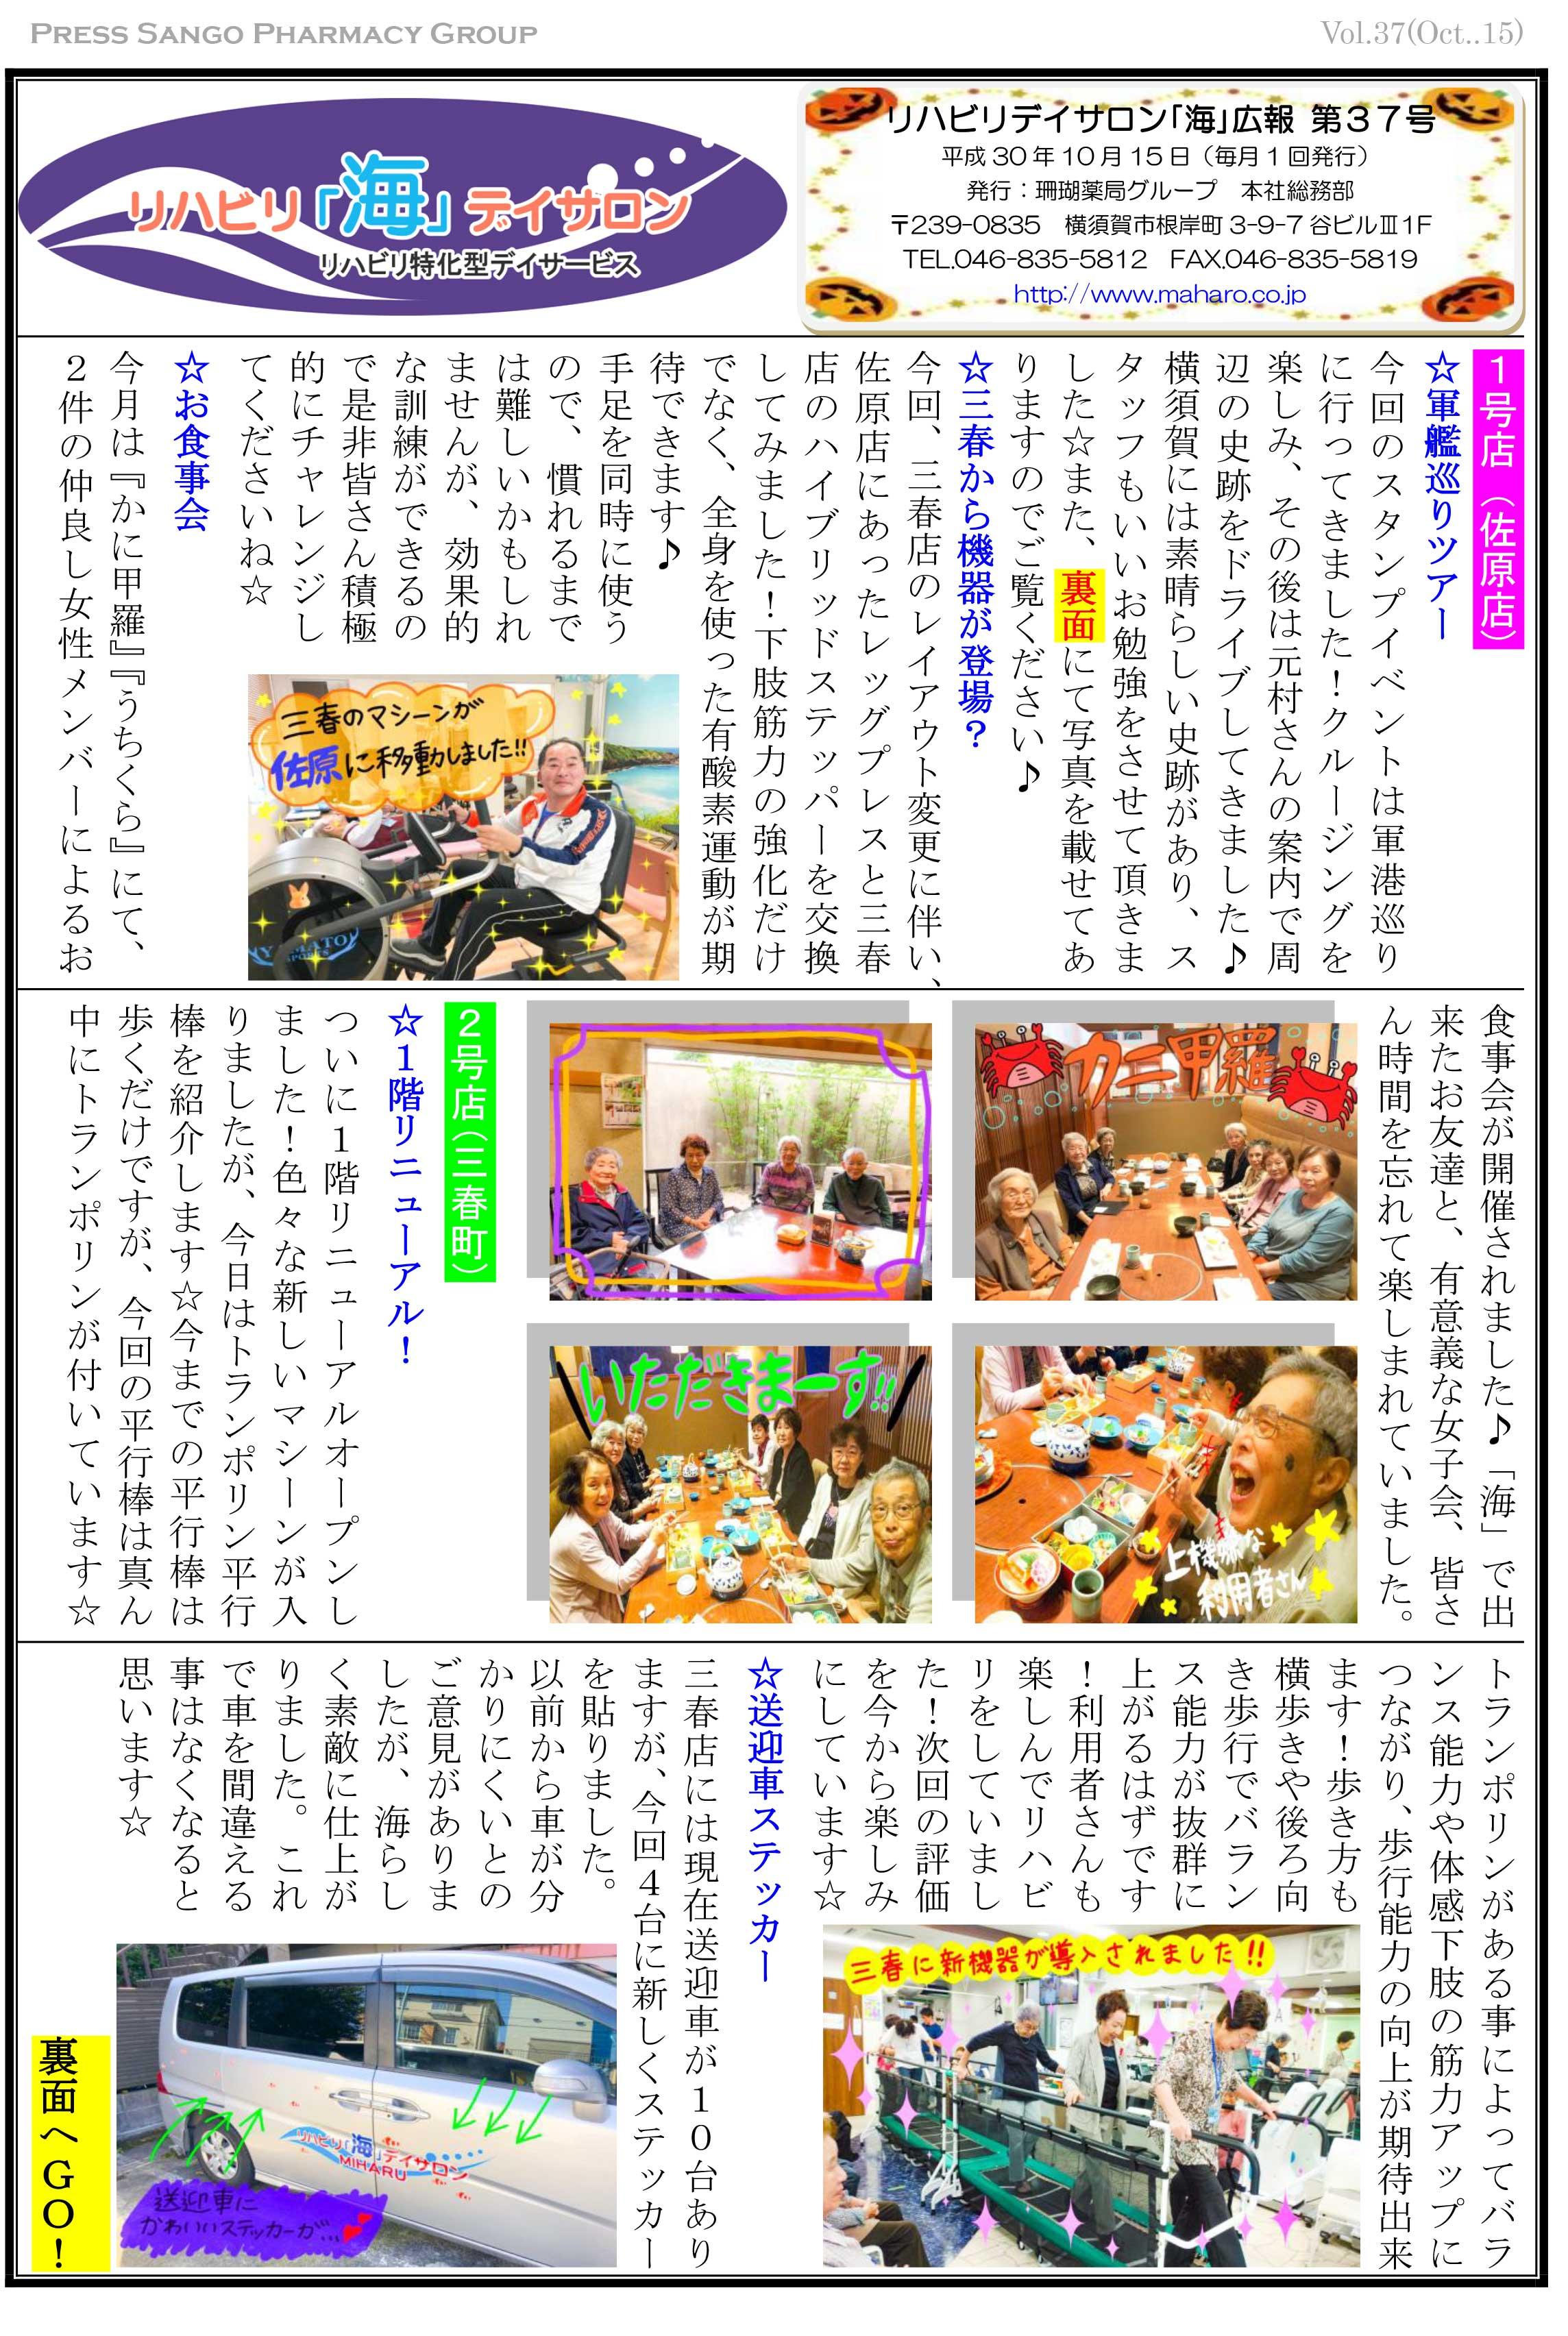 リハビリデイサロン「海」広報誌 第37号